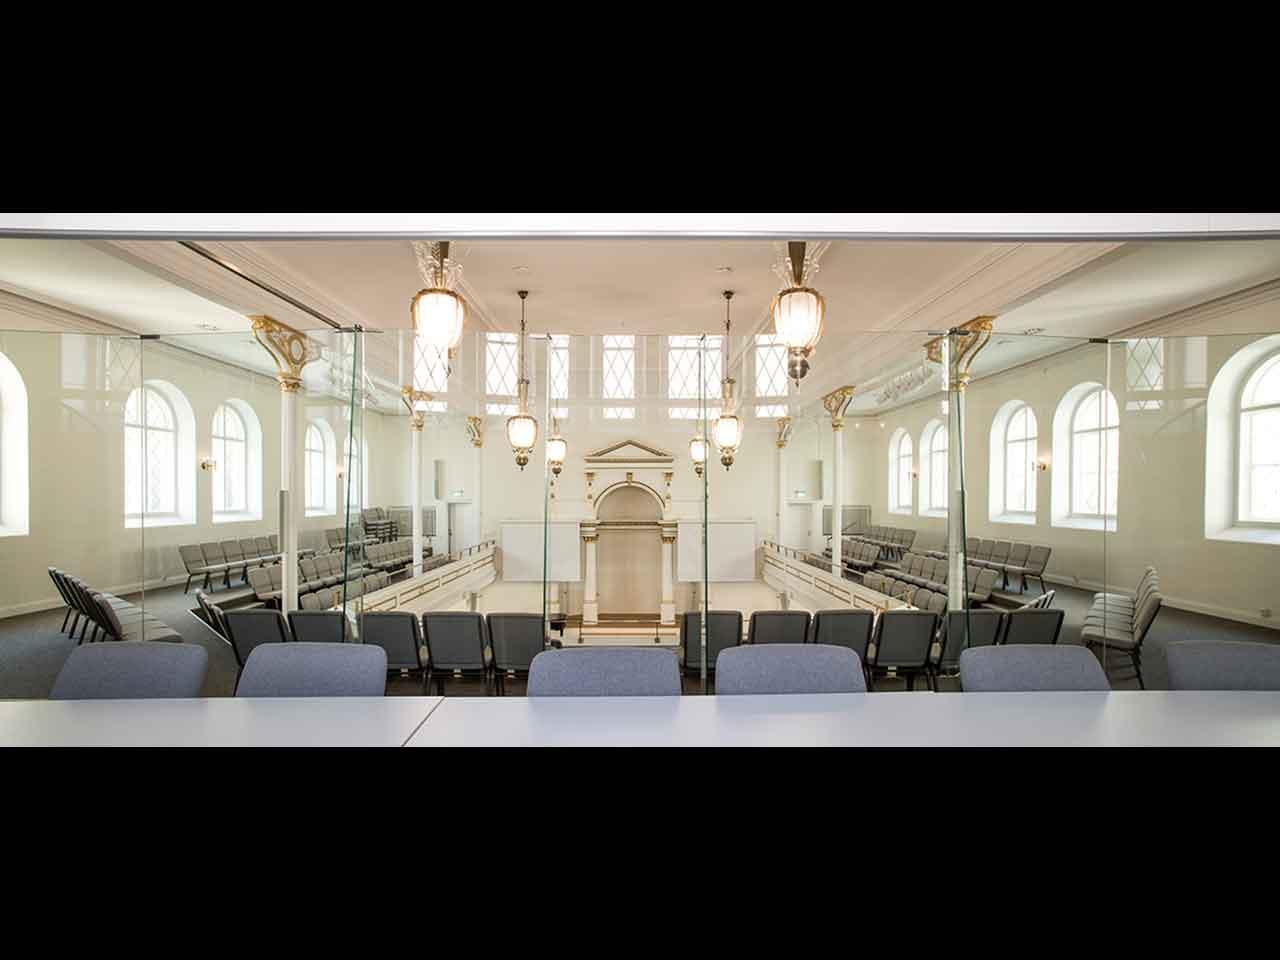 Konferens Folkungakyrkan - Södermalm